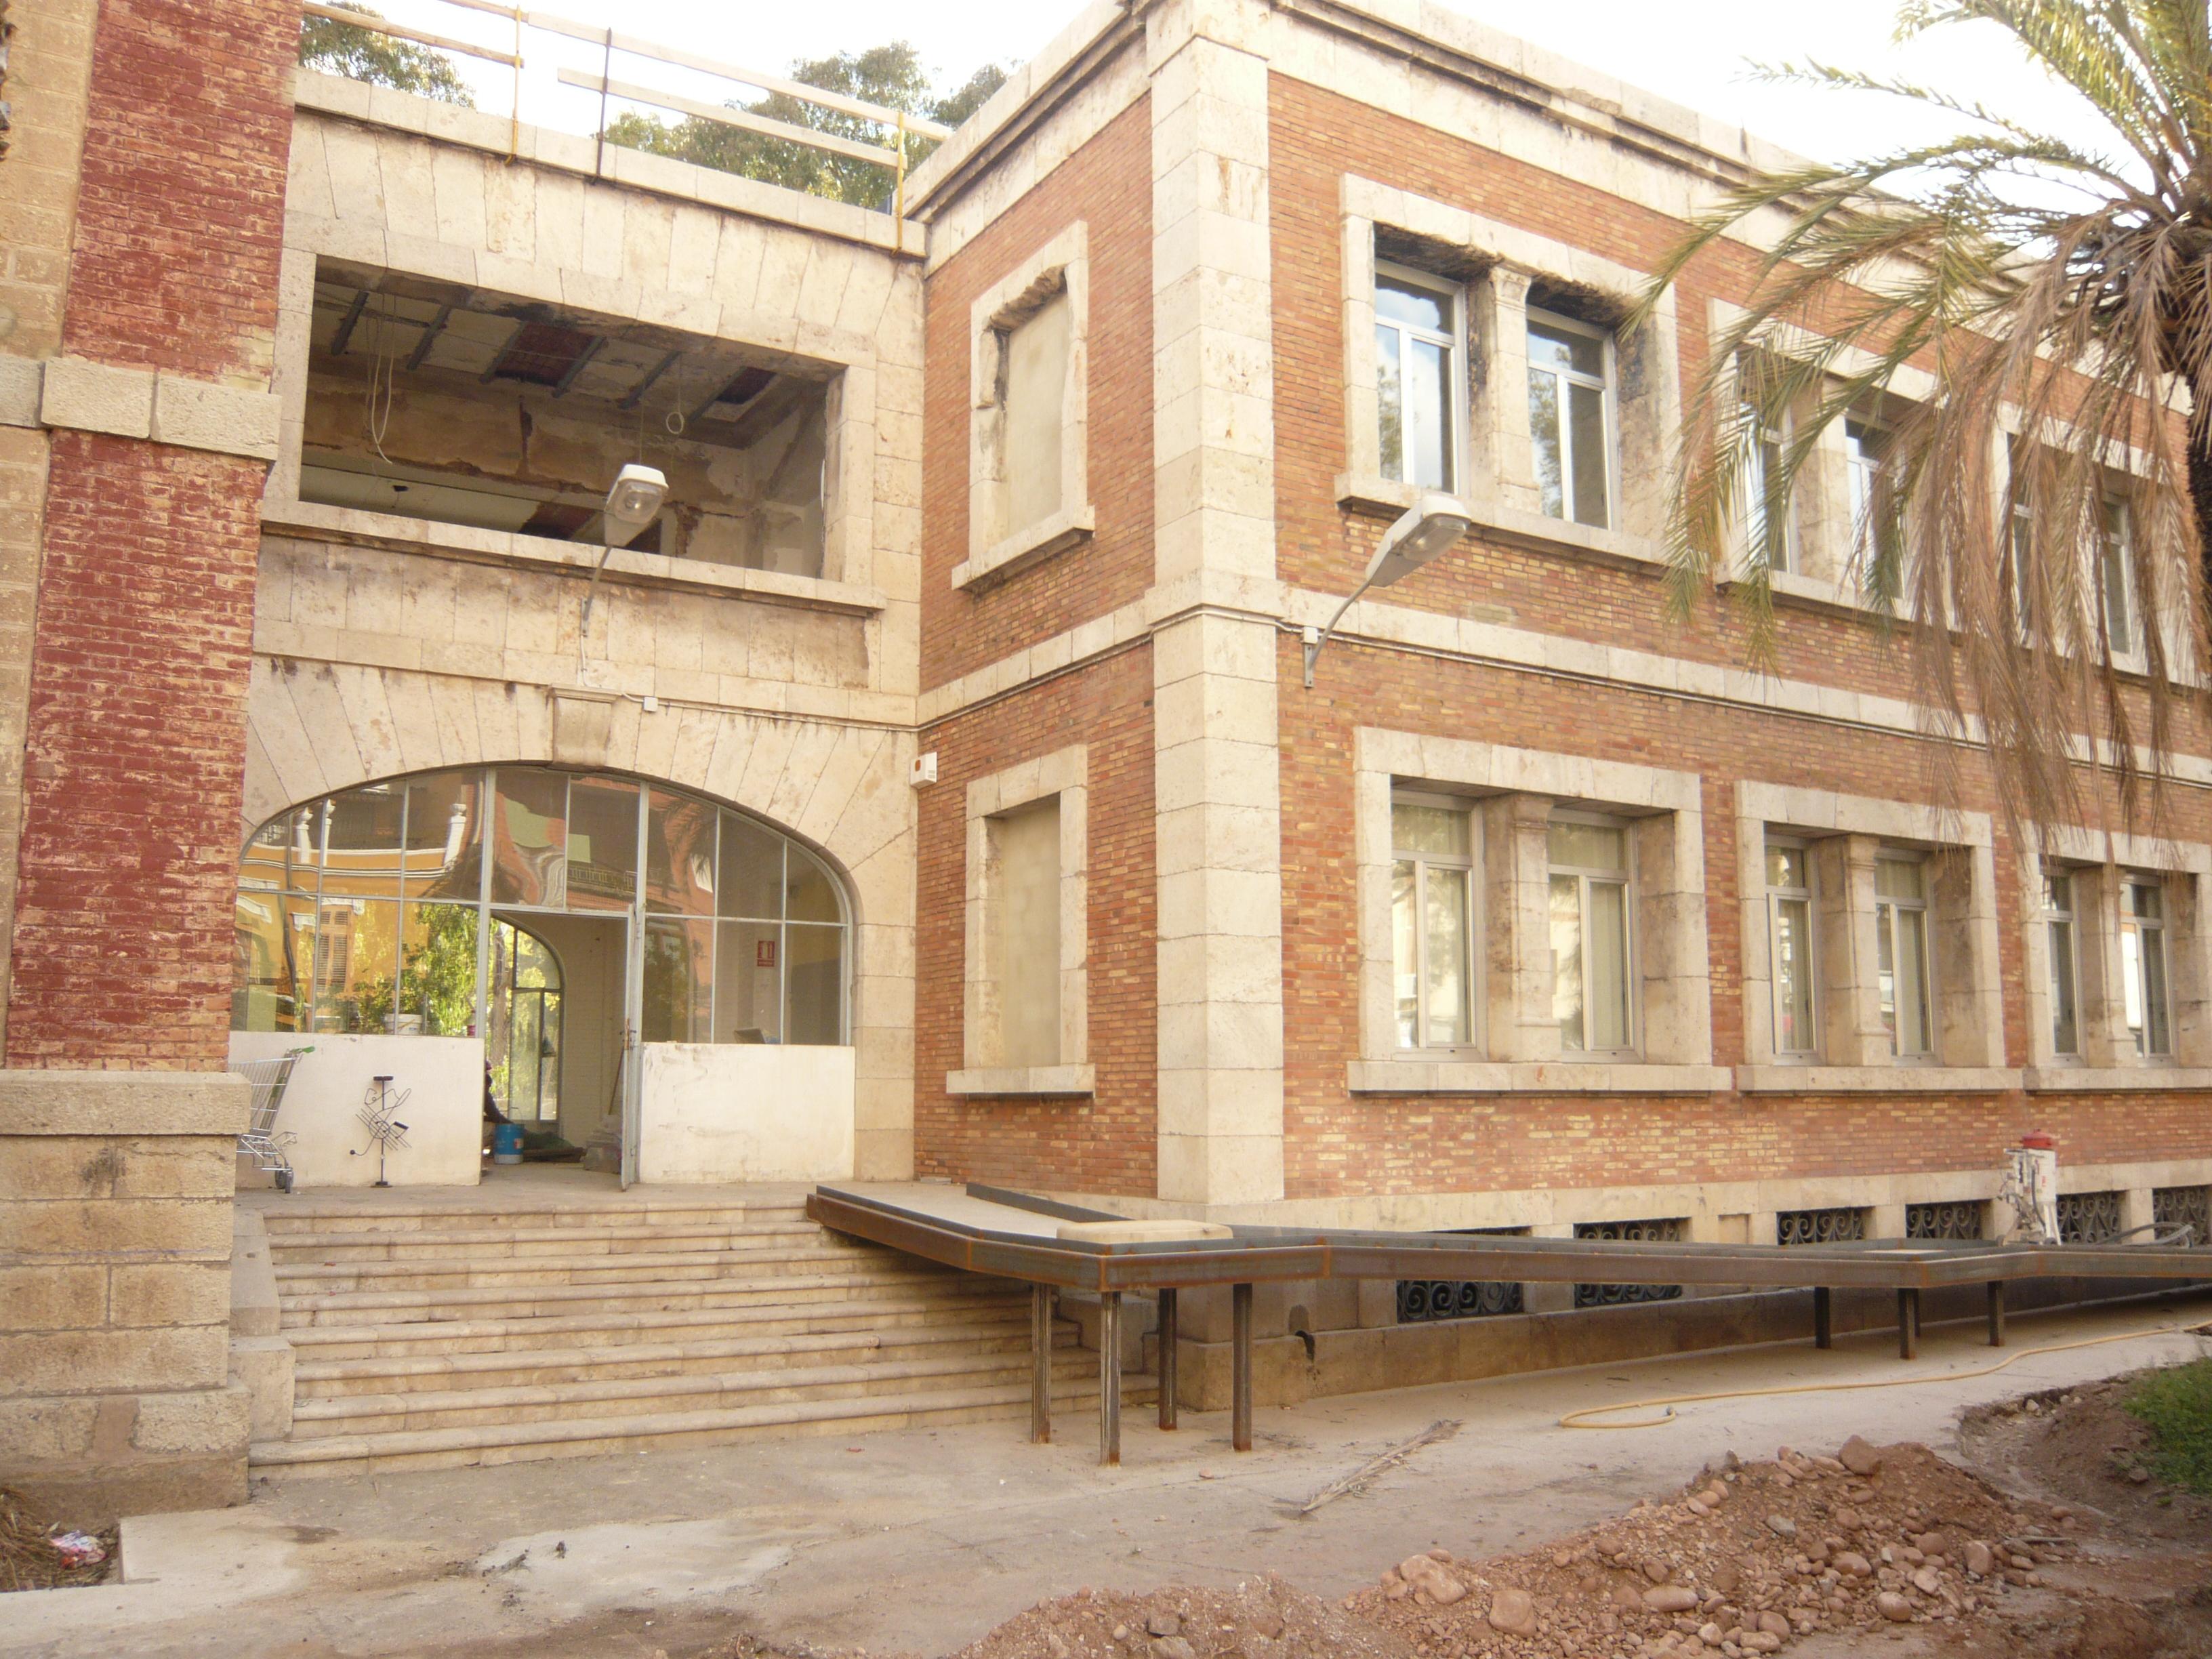 Iniciativa porte a blog archive la apertura de las oficinas de la gerencia revitalizar la - Oficina de extranjeria avenida de los poblados ...